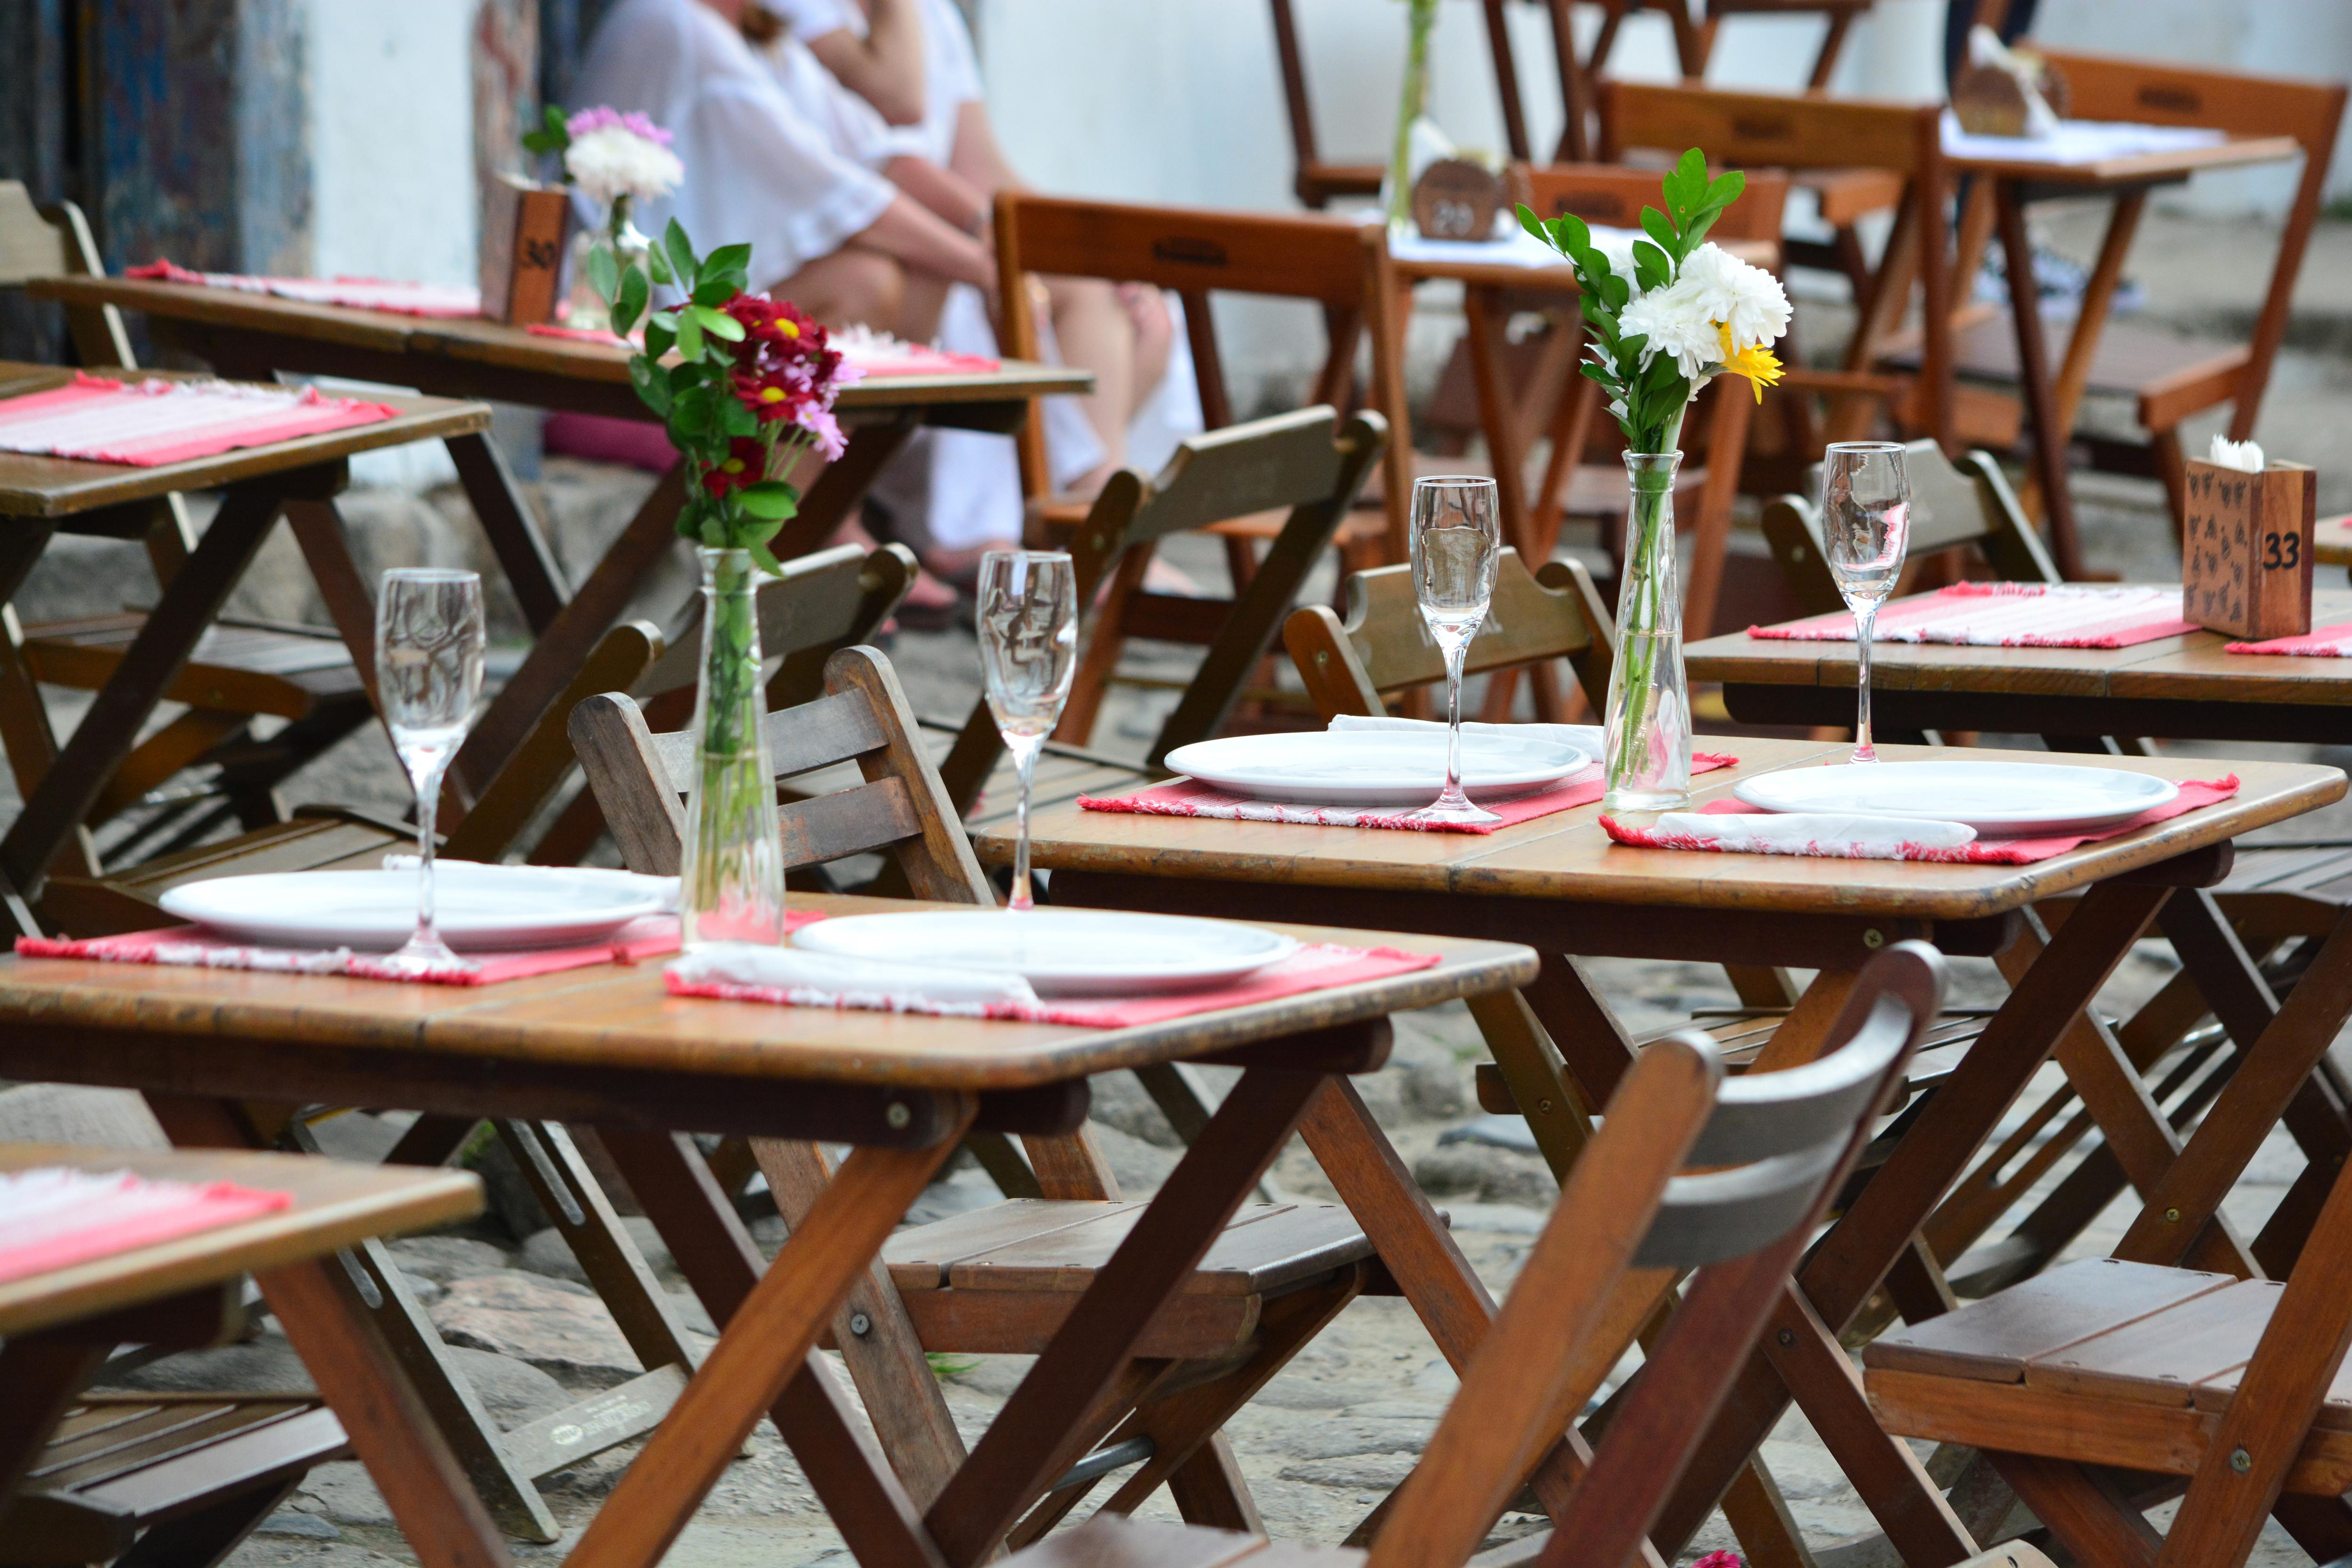 Mesas con flores